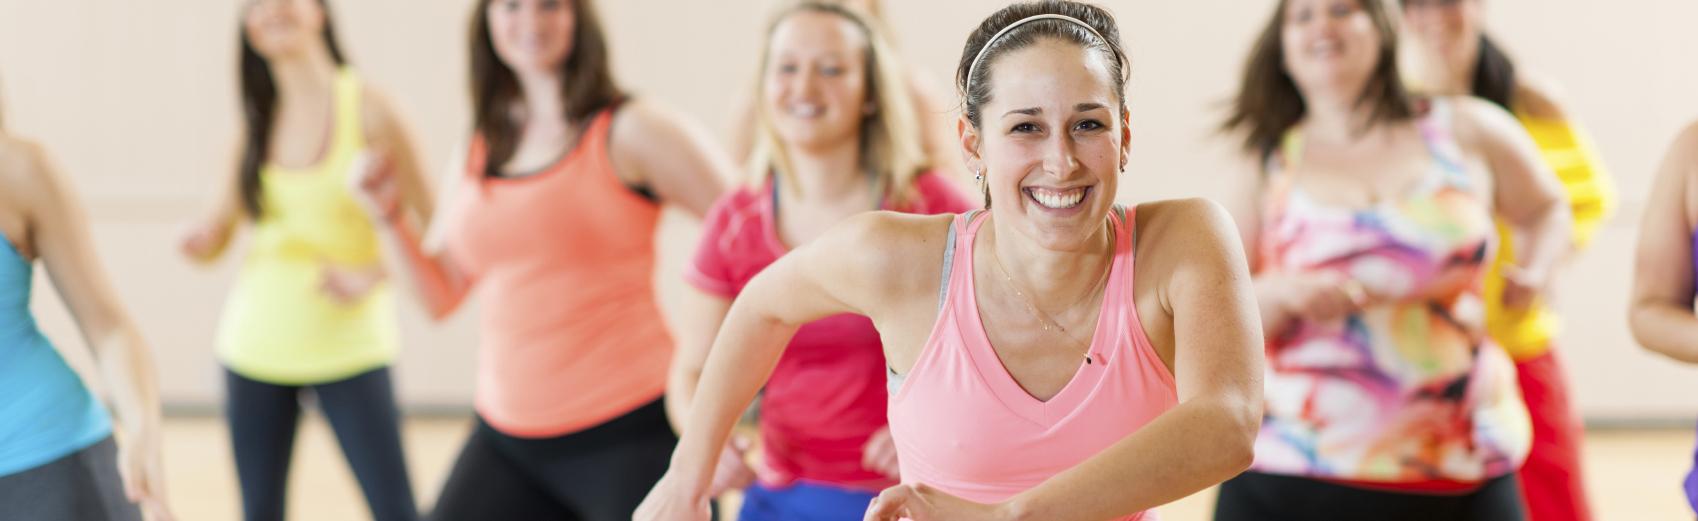 La zumba-fit est une combinaison de danse et d'aérobic, inspirée de musiques latines avec des touches de musique pop et urbaine. Aux sports universitaires, il se déroule en deux parties: dans la première, nous travaillons des pas de base de divers styles de danse tout en élevant le rythme cardiaque au travers de chorégraphies simples. Dans la deuxième, nous ajoutons des exercices plus musculaires à l'entraînement de danse.